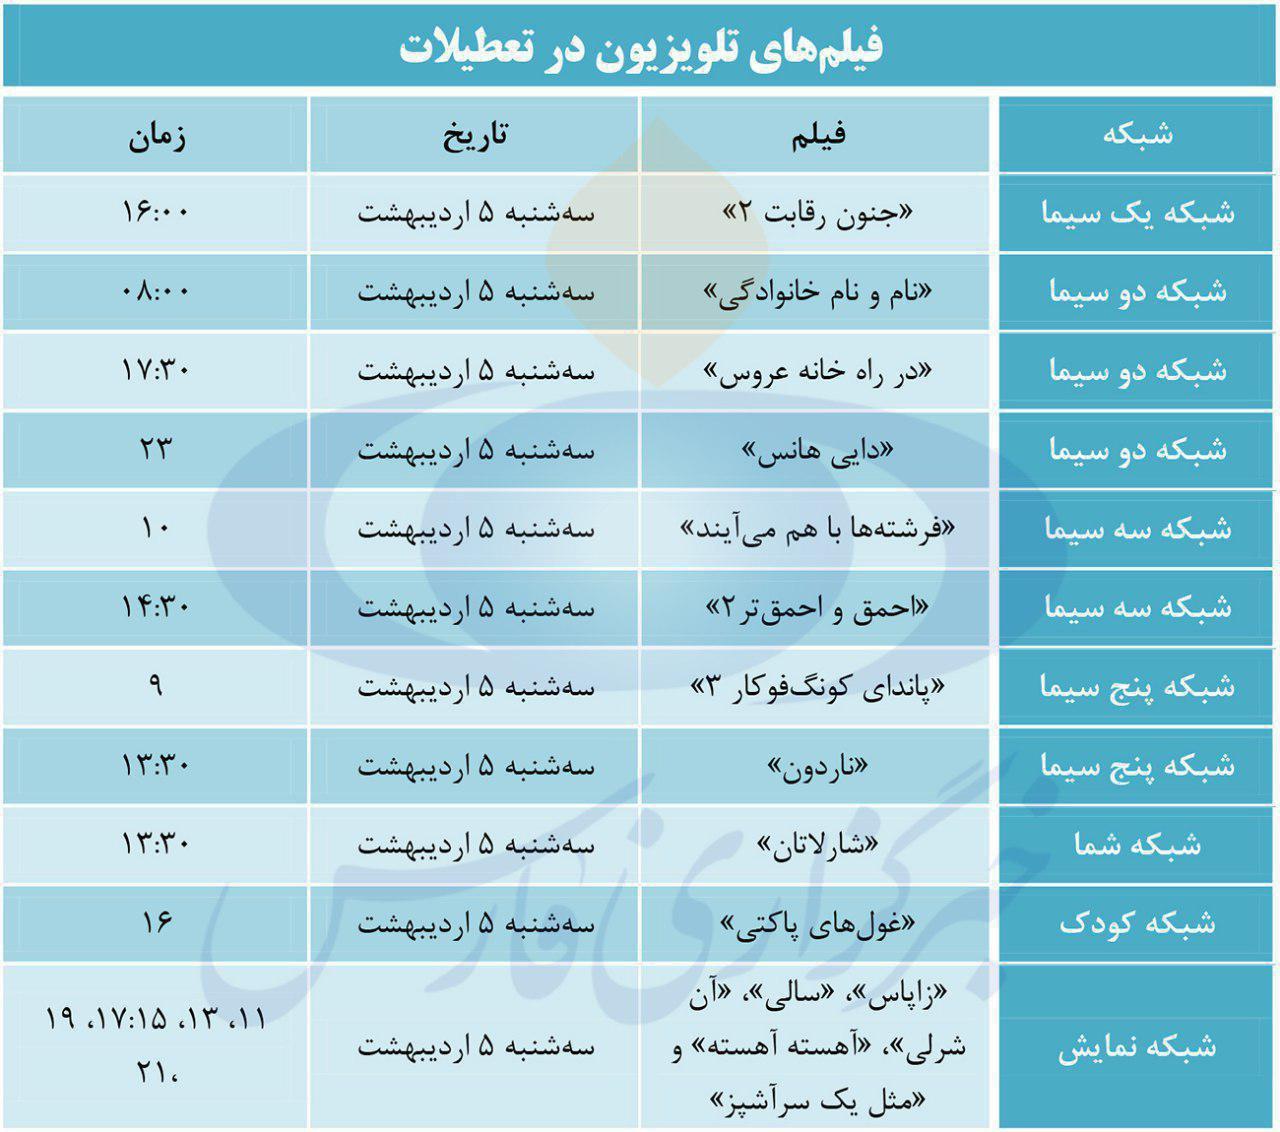 فیلمهای طنز تلویزیون در تعطیلات عید مبعث